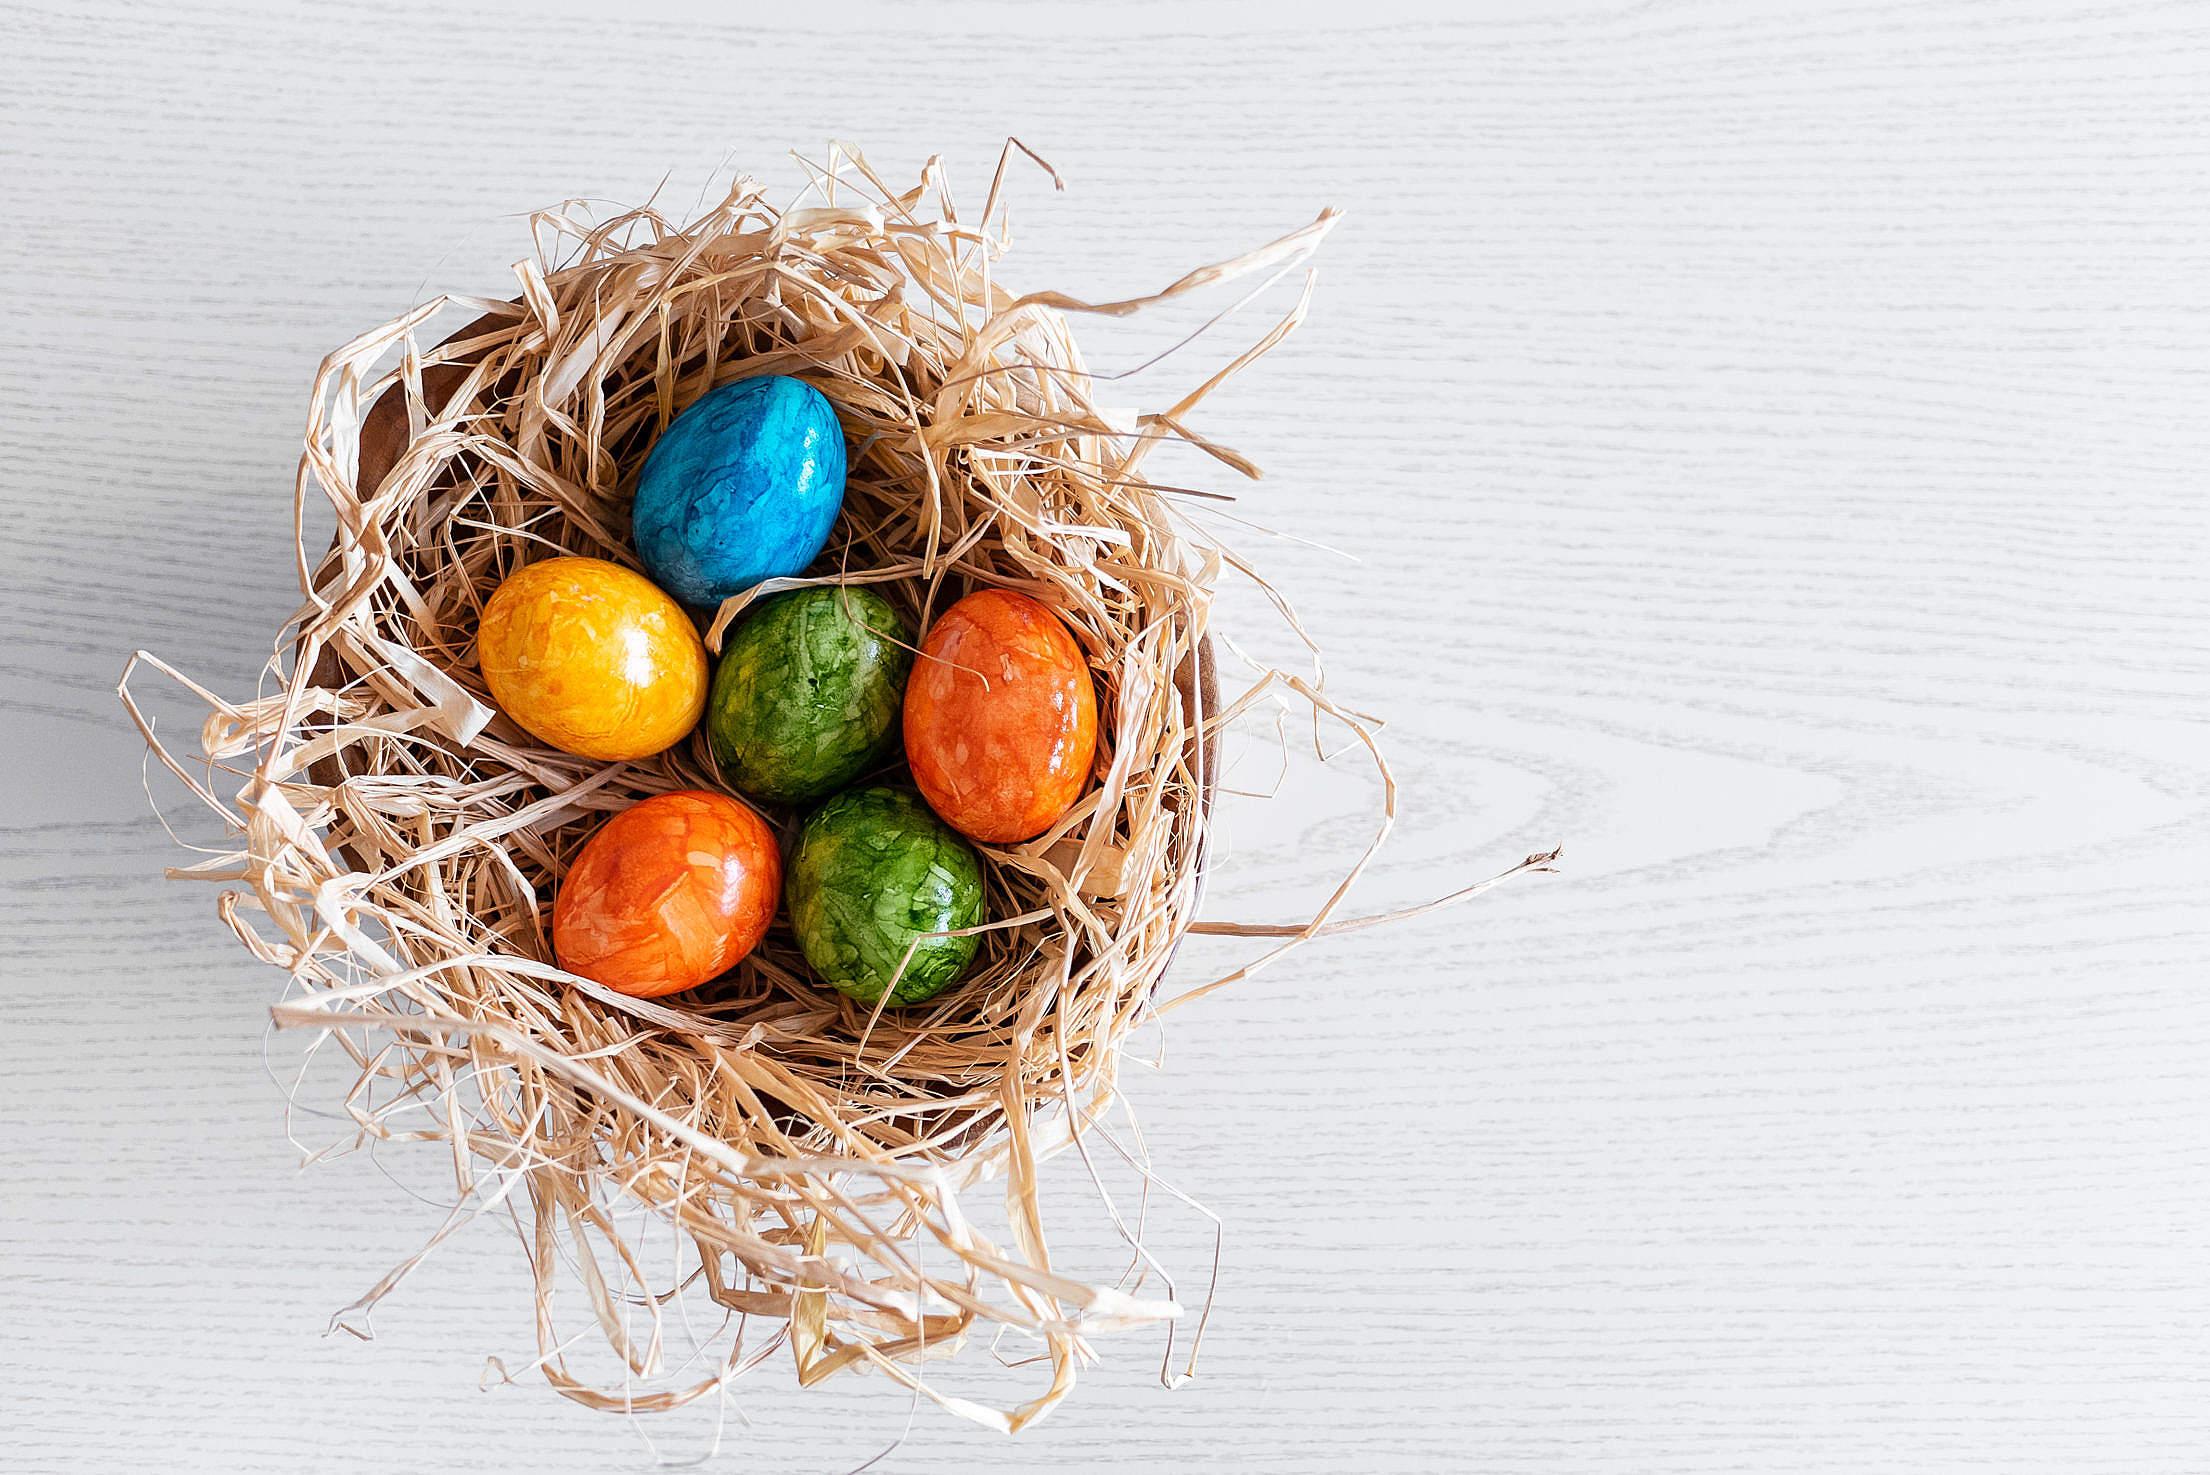 Basket Full of Easter Eggs Free Stock Photo